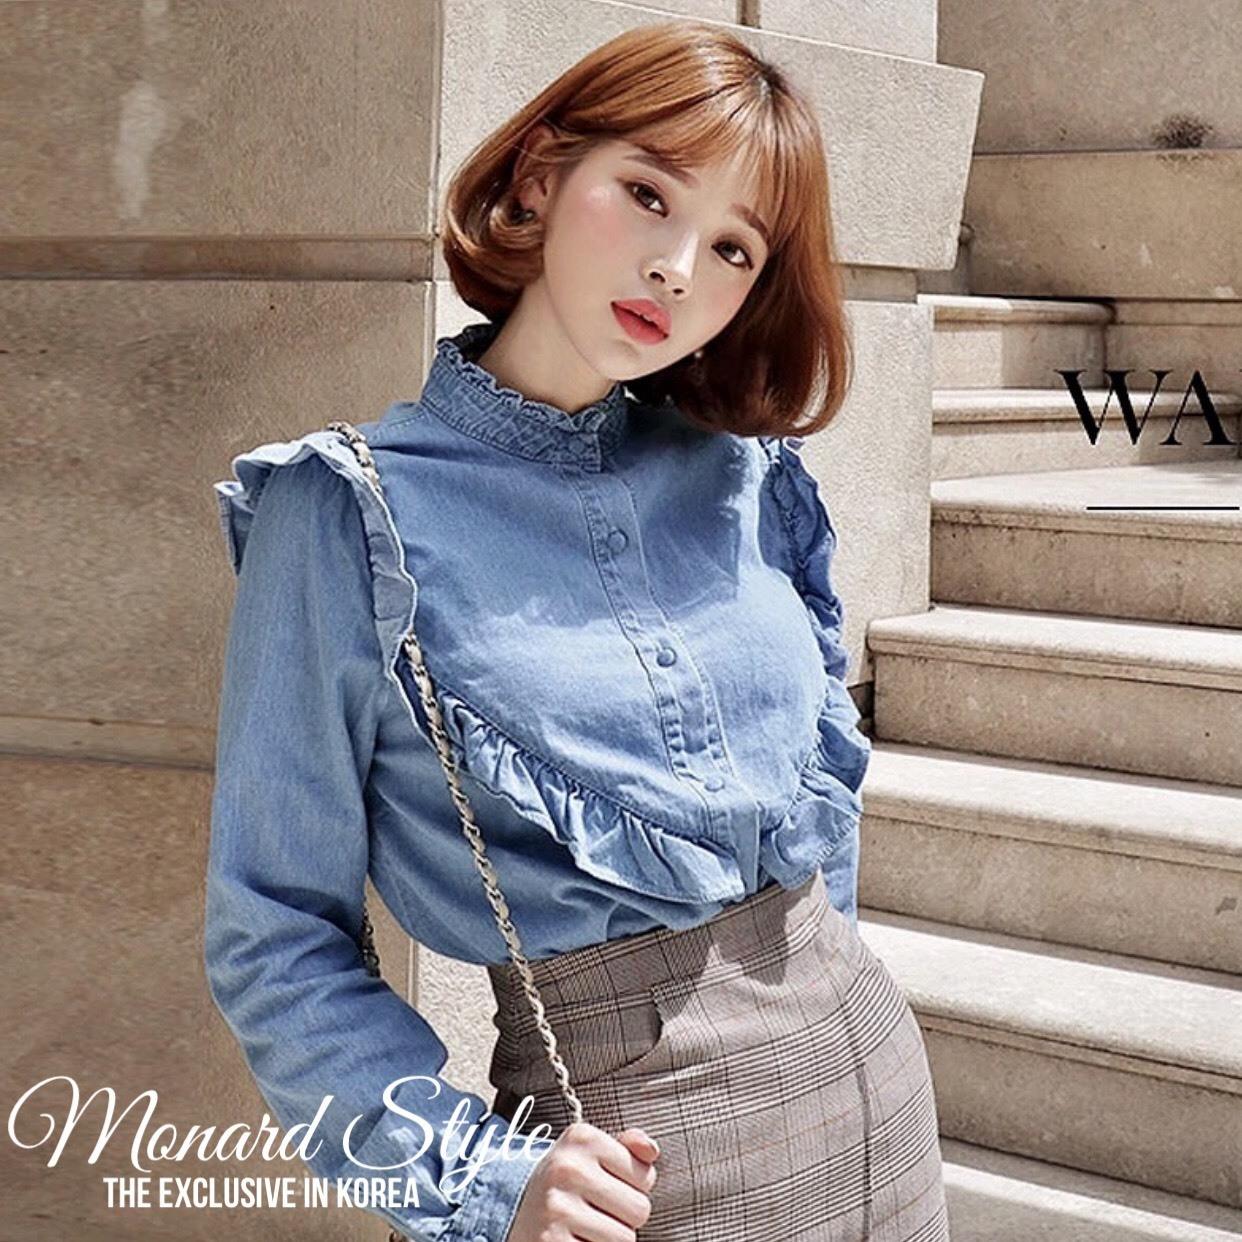 เสื้อผ้าแฟชั่นเกาหลีพร้อมส่ง เสื้อยีนส์แขนยาวผ้านิ่มสวย